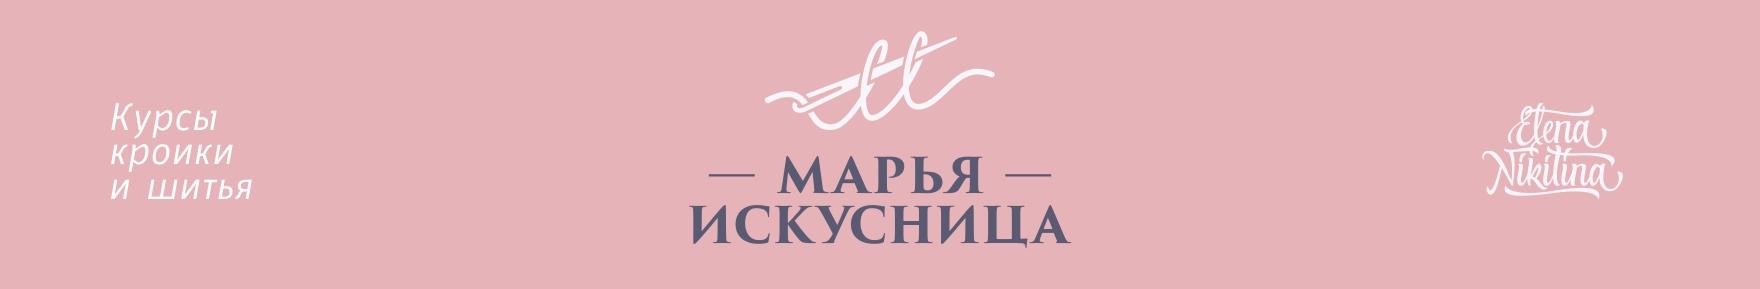 Курсы Кройки и Шитья в Кемерово, Марья Искусница